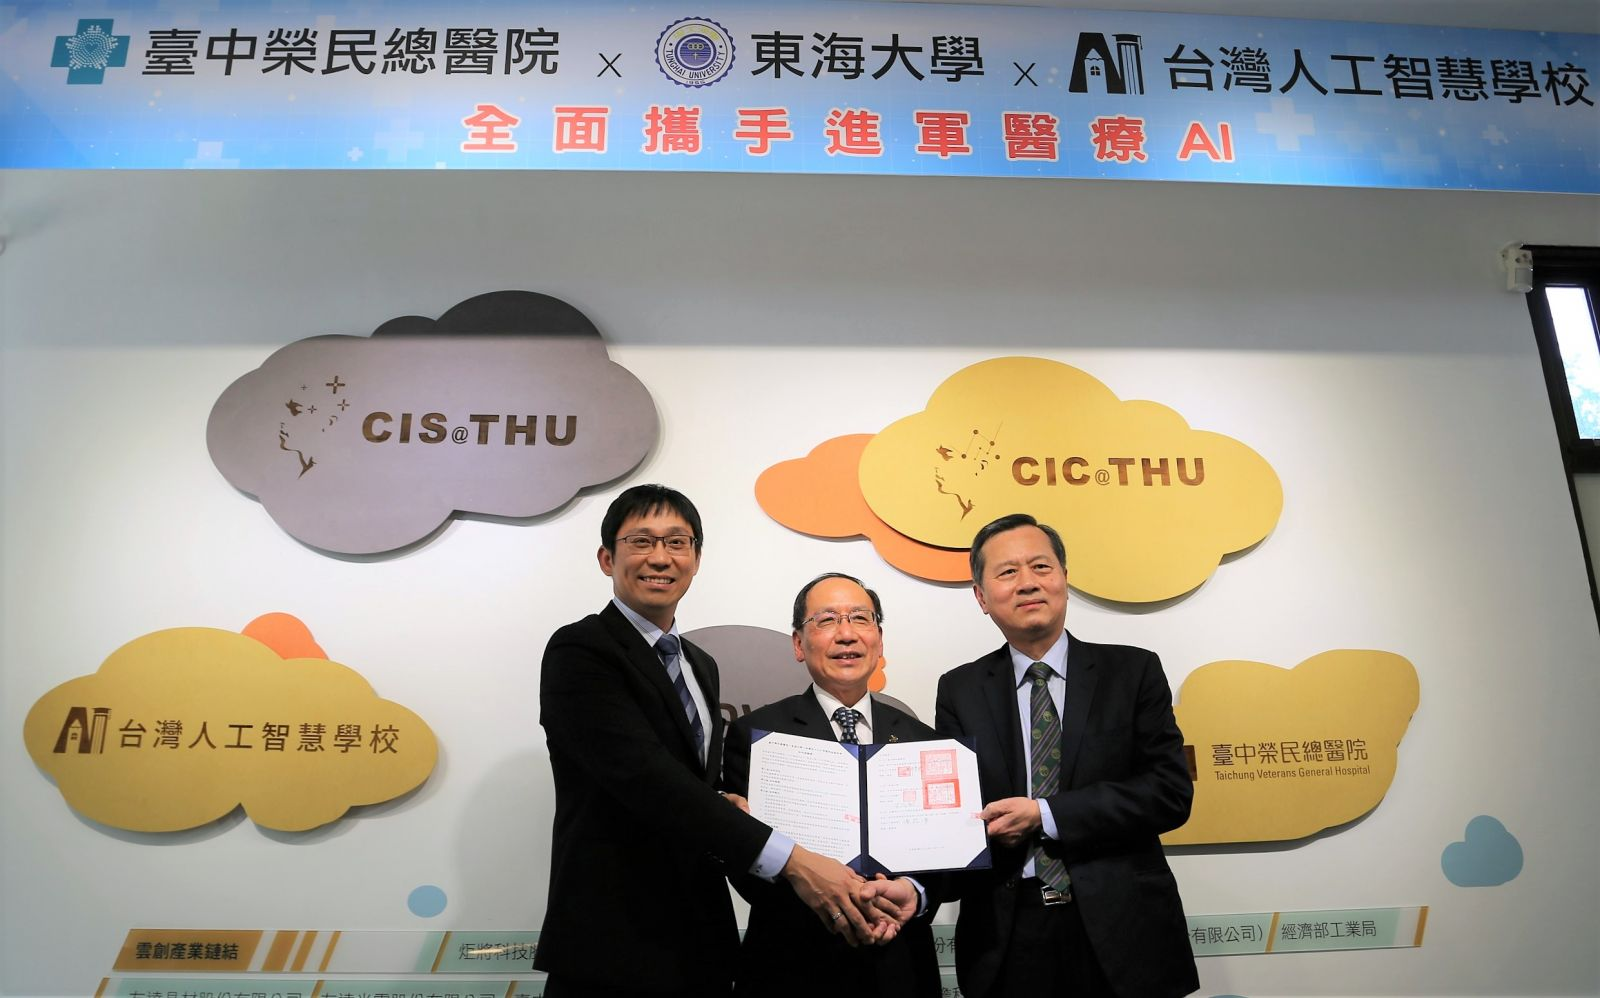 臺中榮總及東海大學和台灣人工智慧學校三方簽署合作合約